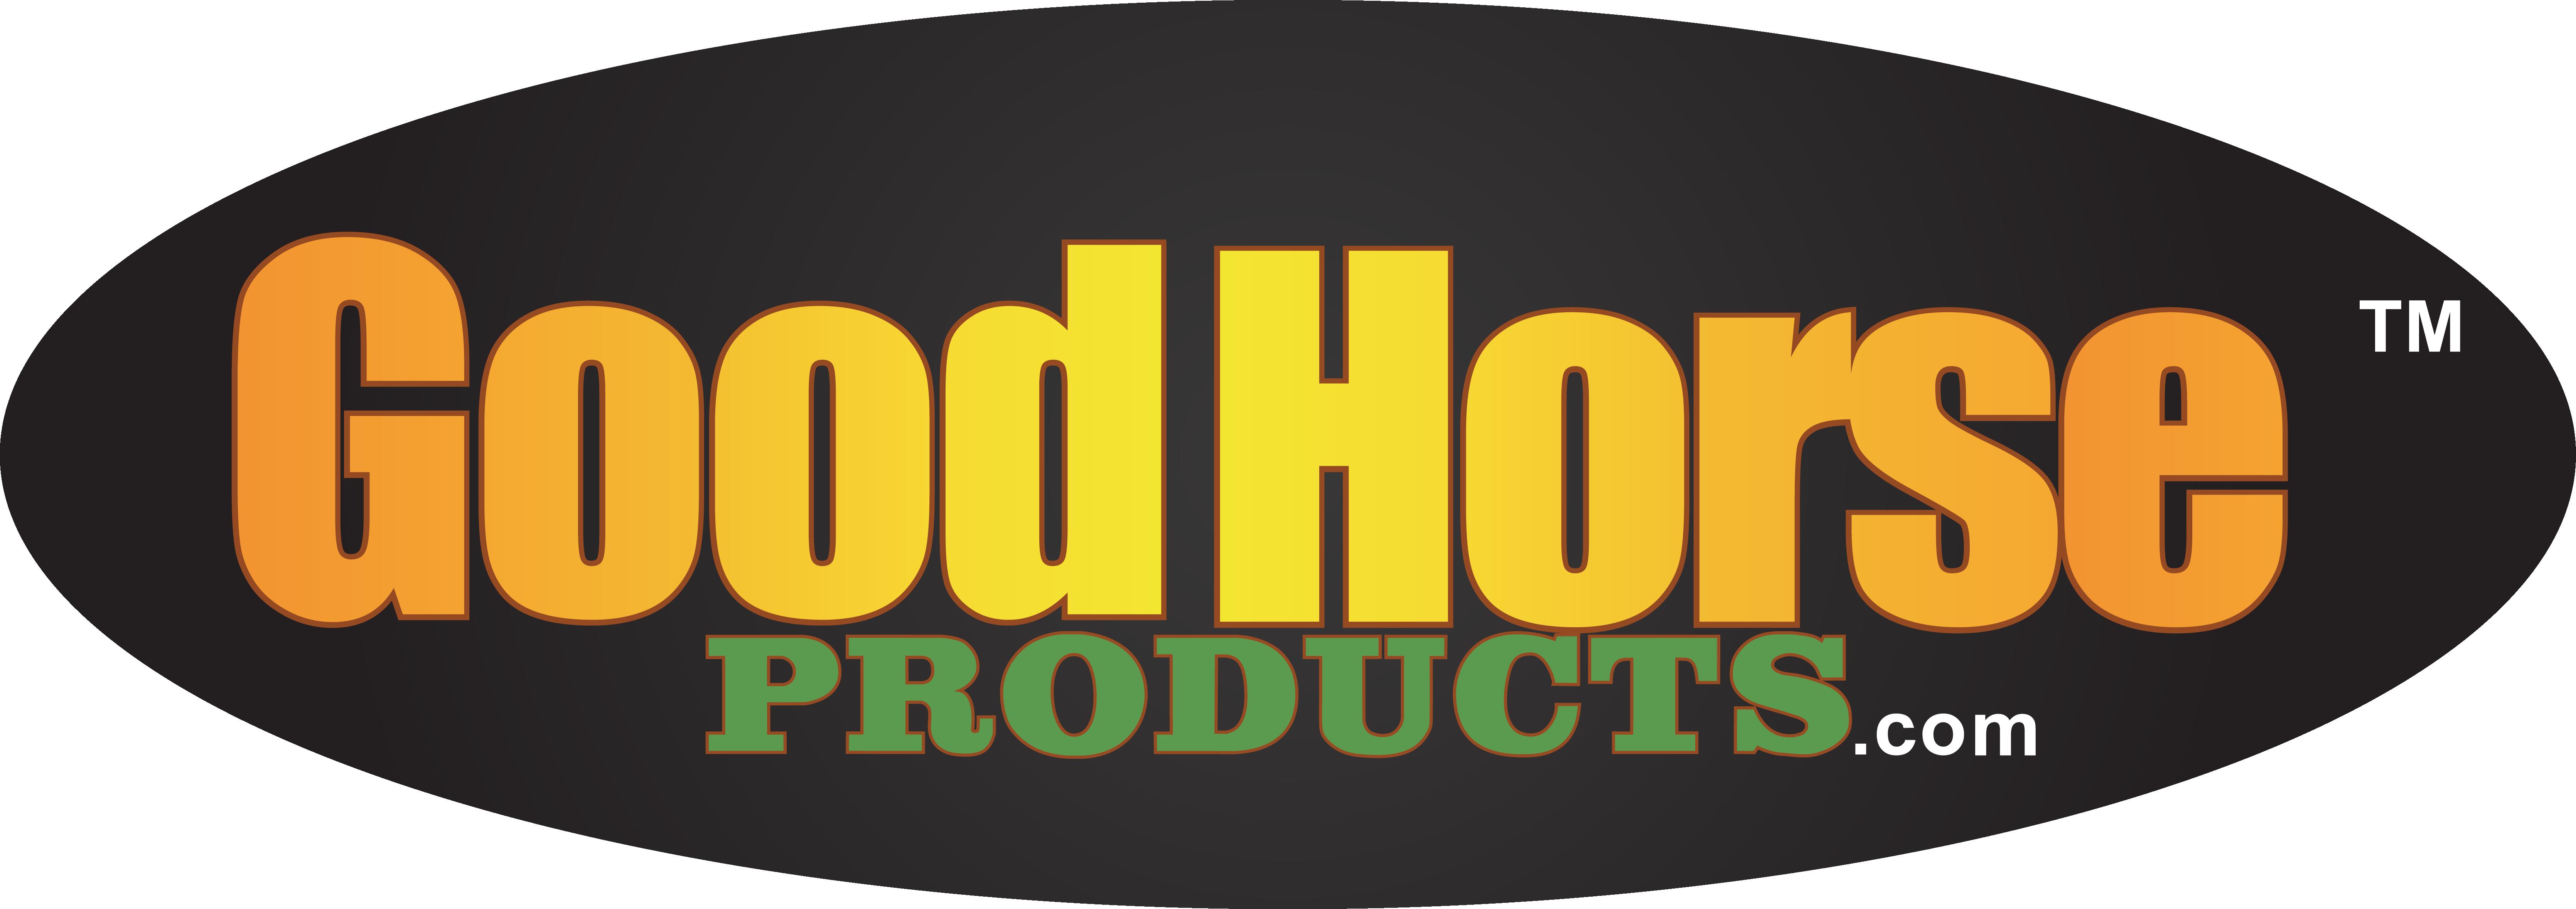 GoodHorseProducts.com